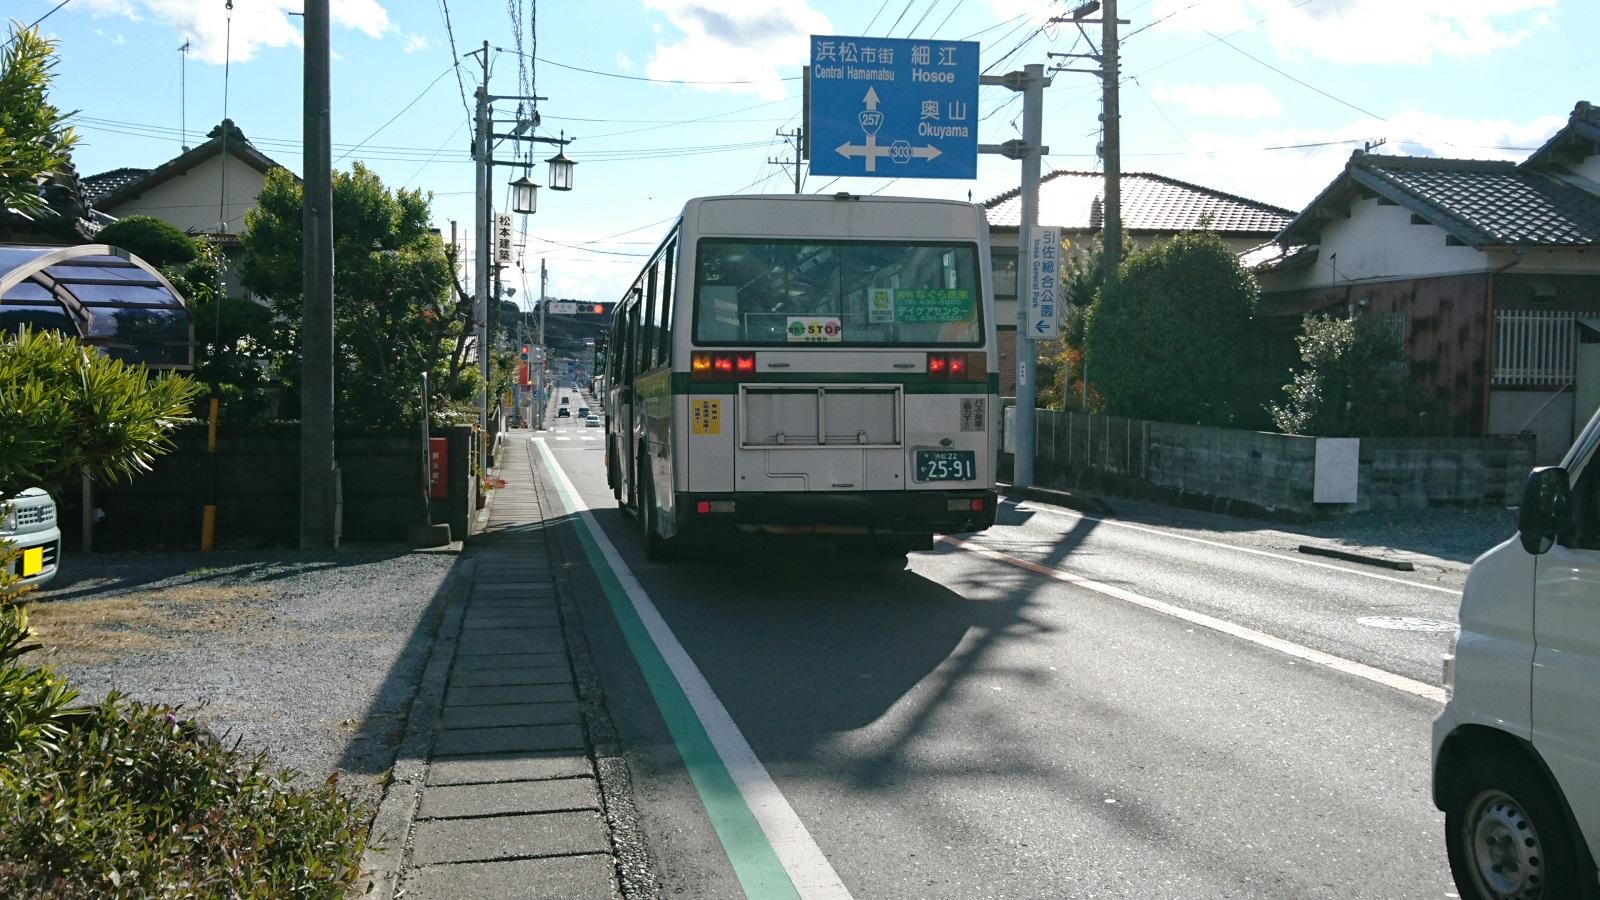 2016.12.23 井伊谷 (12) 井伊谷バス停 - 遠鉄バス 1600-900